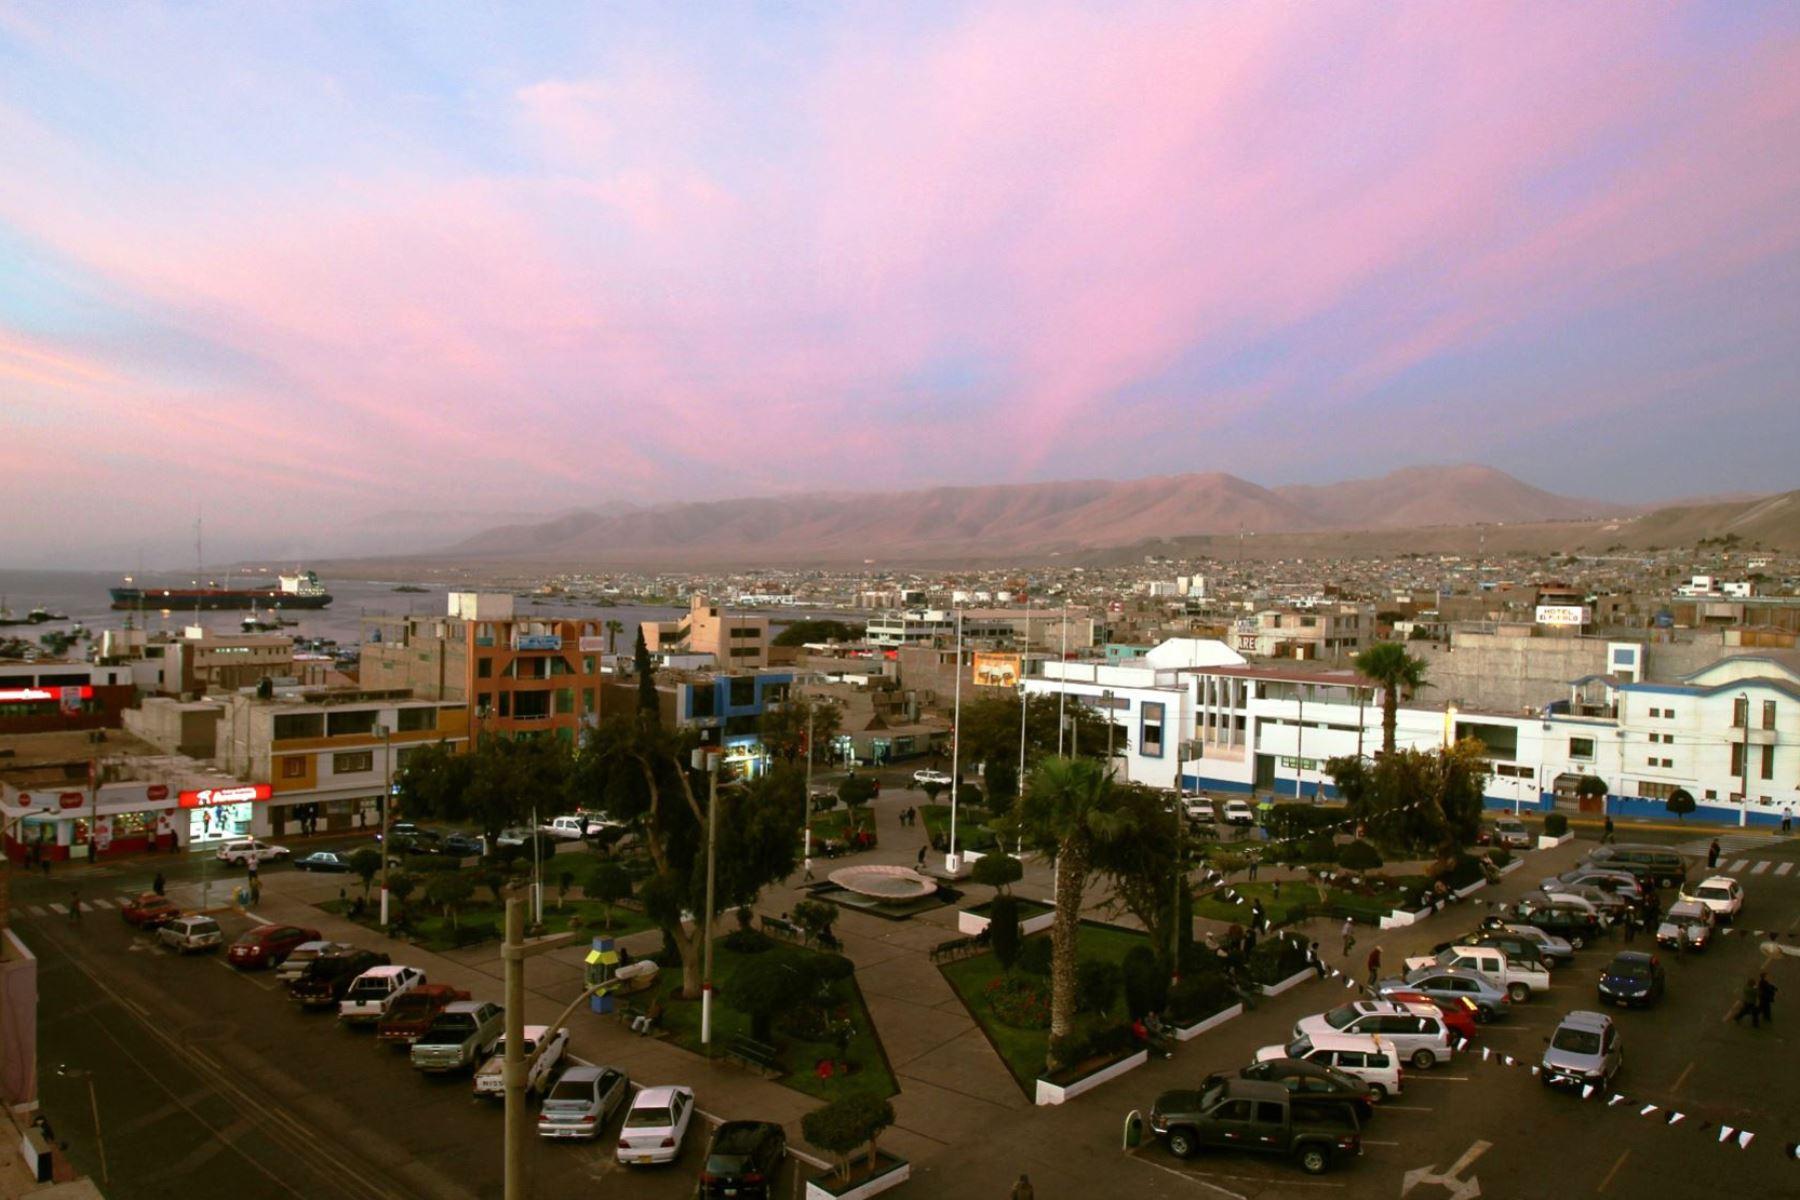 La ciudad de Ilo, en Moquegua, fue remecida esta mañana por un sismo de magnitud 4.1, informó el IGP. ANDINA/archivo